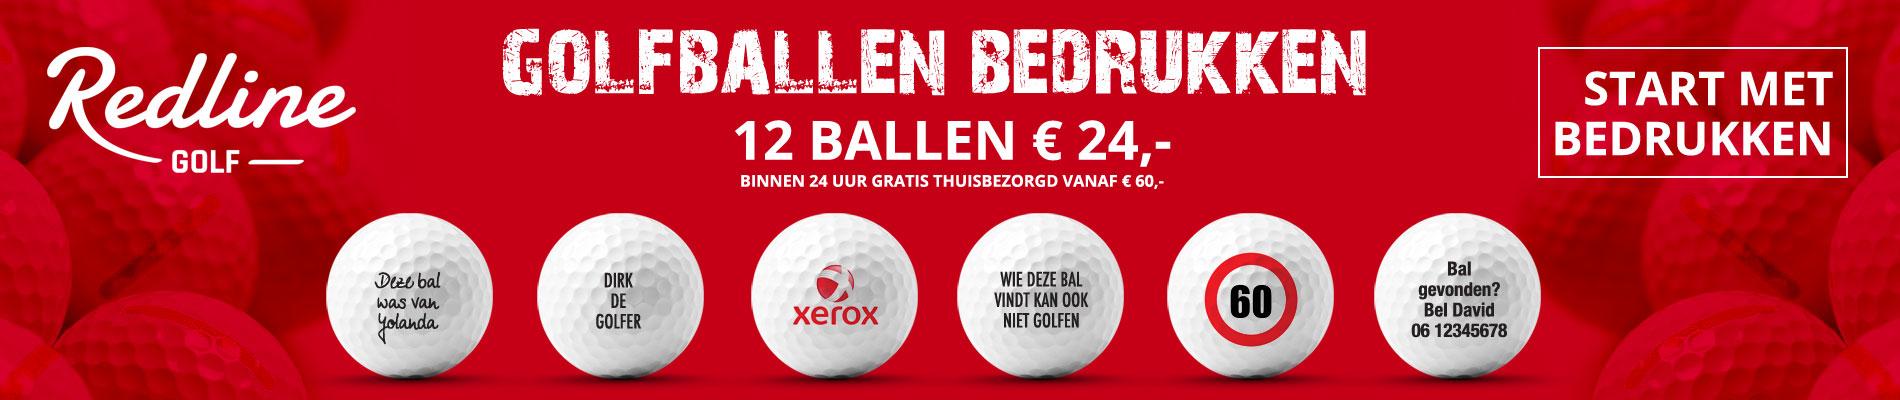 Redline golfballen bedrukken